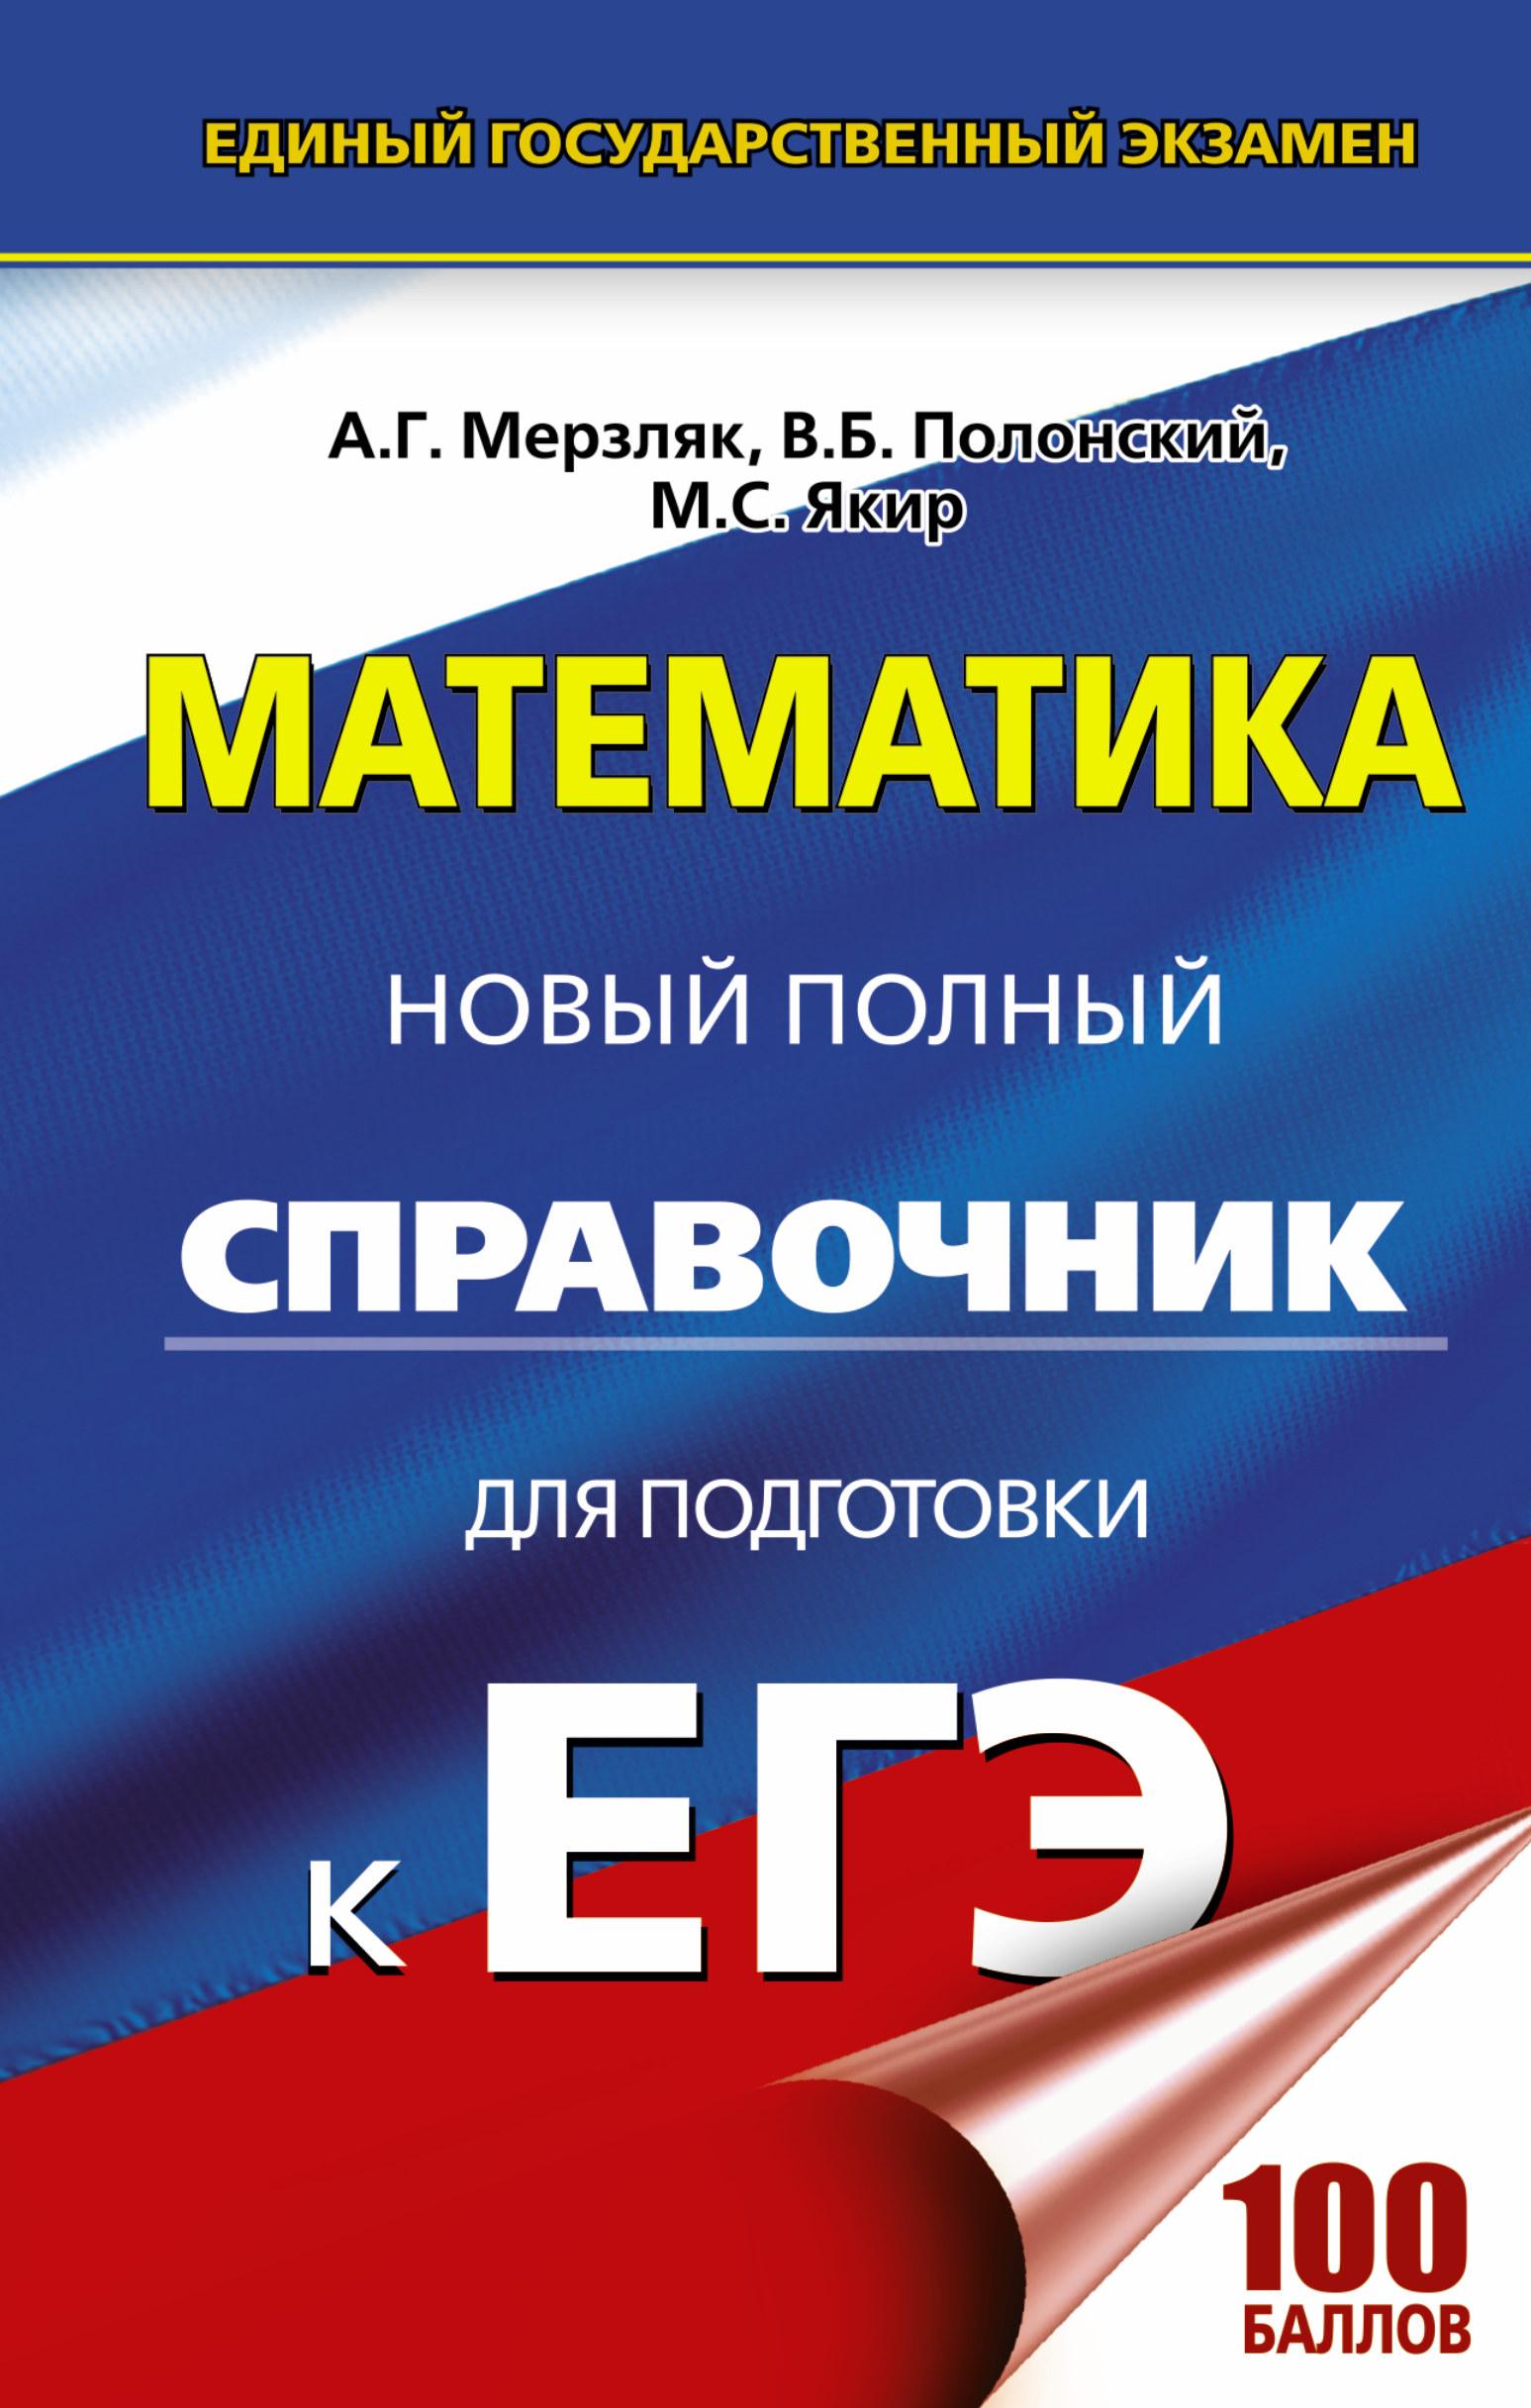 ЕГЭ. Математика. Новый полный справочник для подготовки к ЕГЭ Мерзляк Полонский Якир